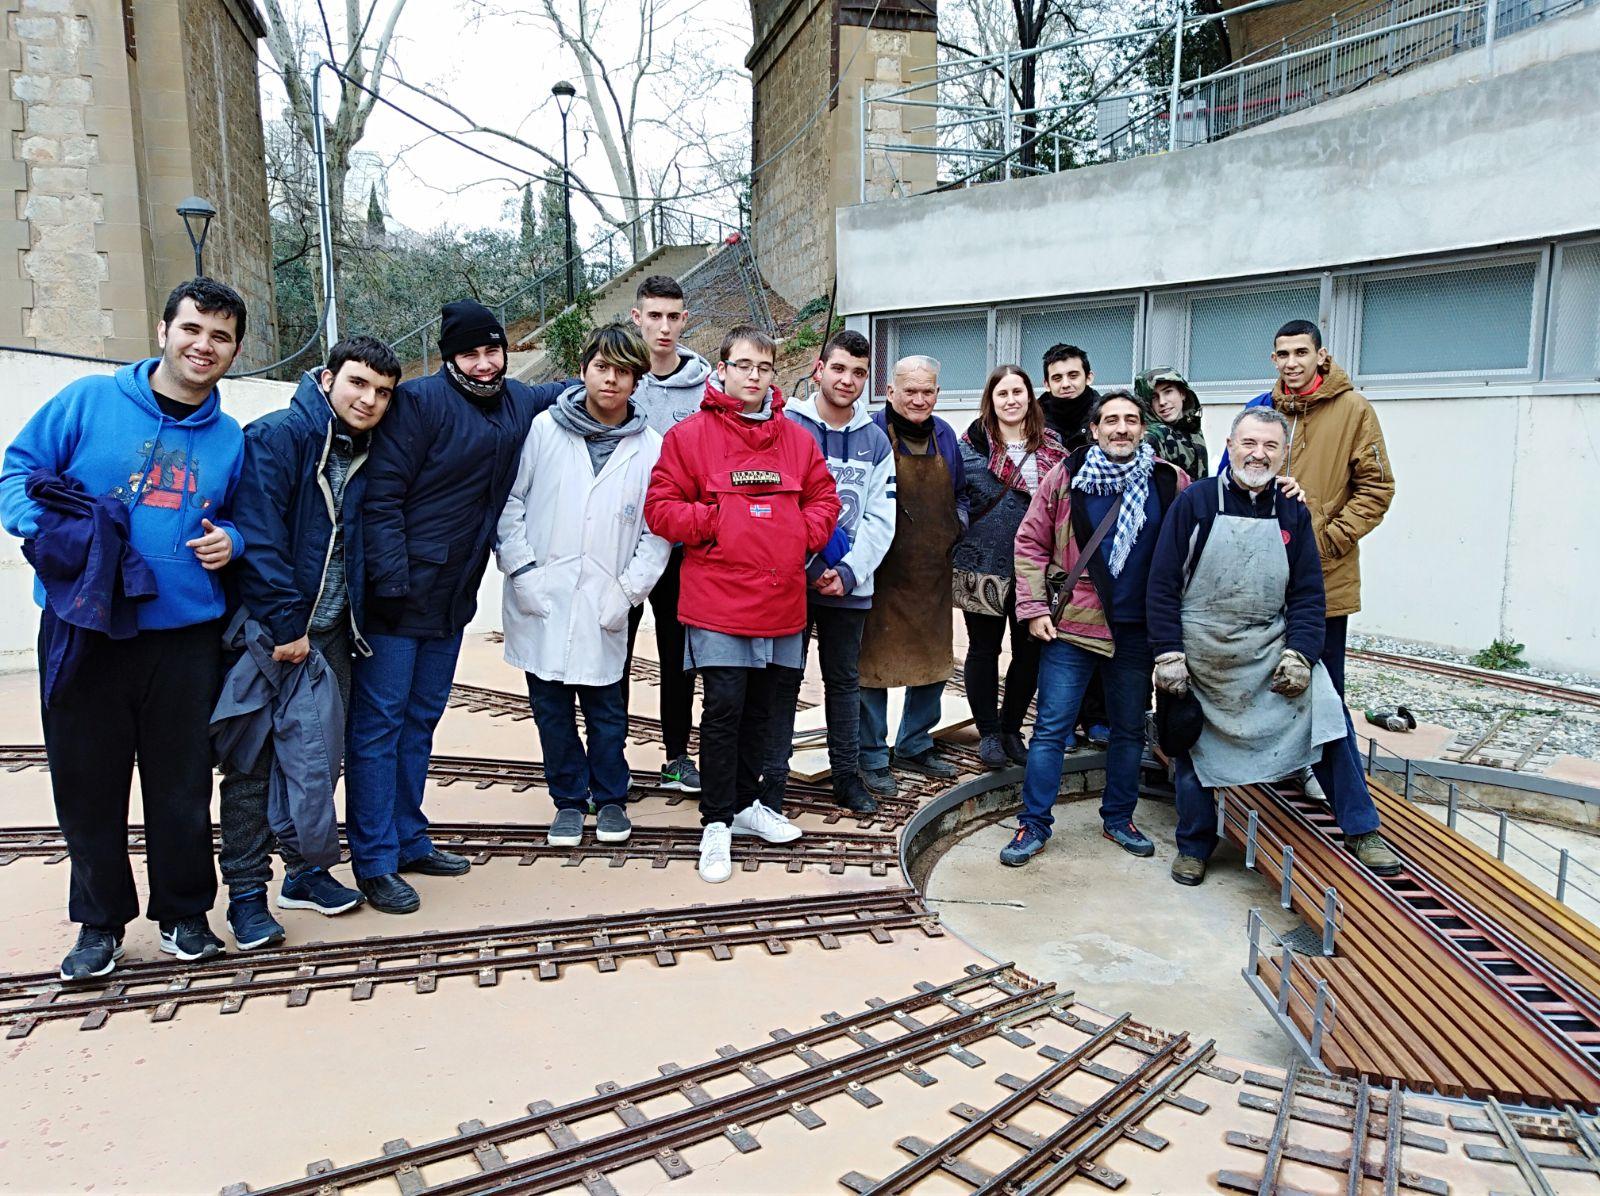 Manteniment i restauració de la placa giratòria del Tren de Vallparadís